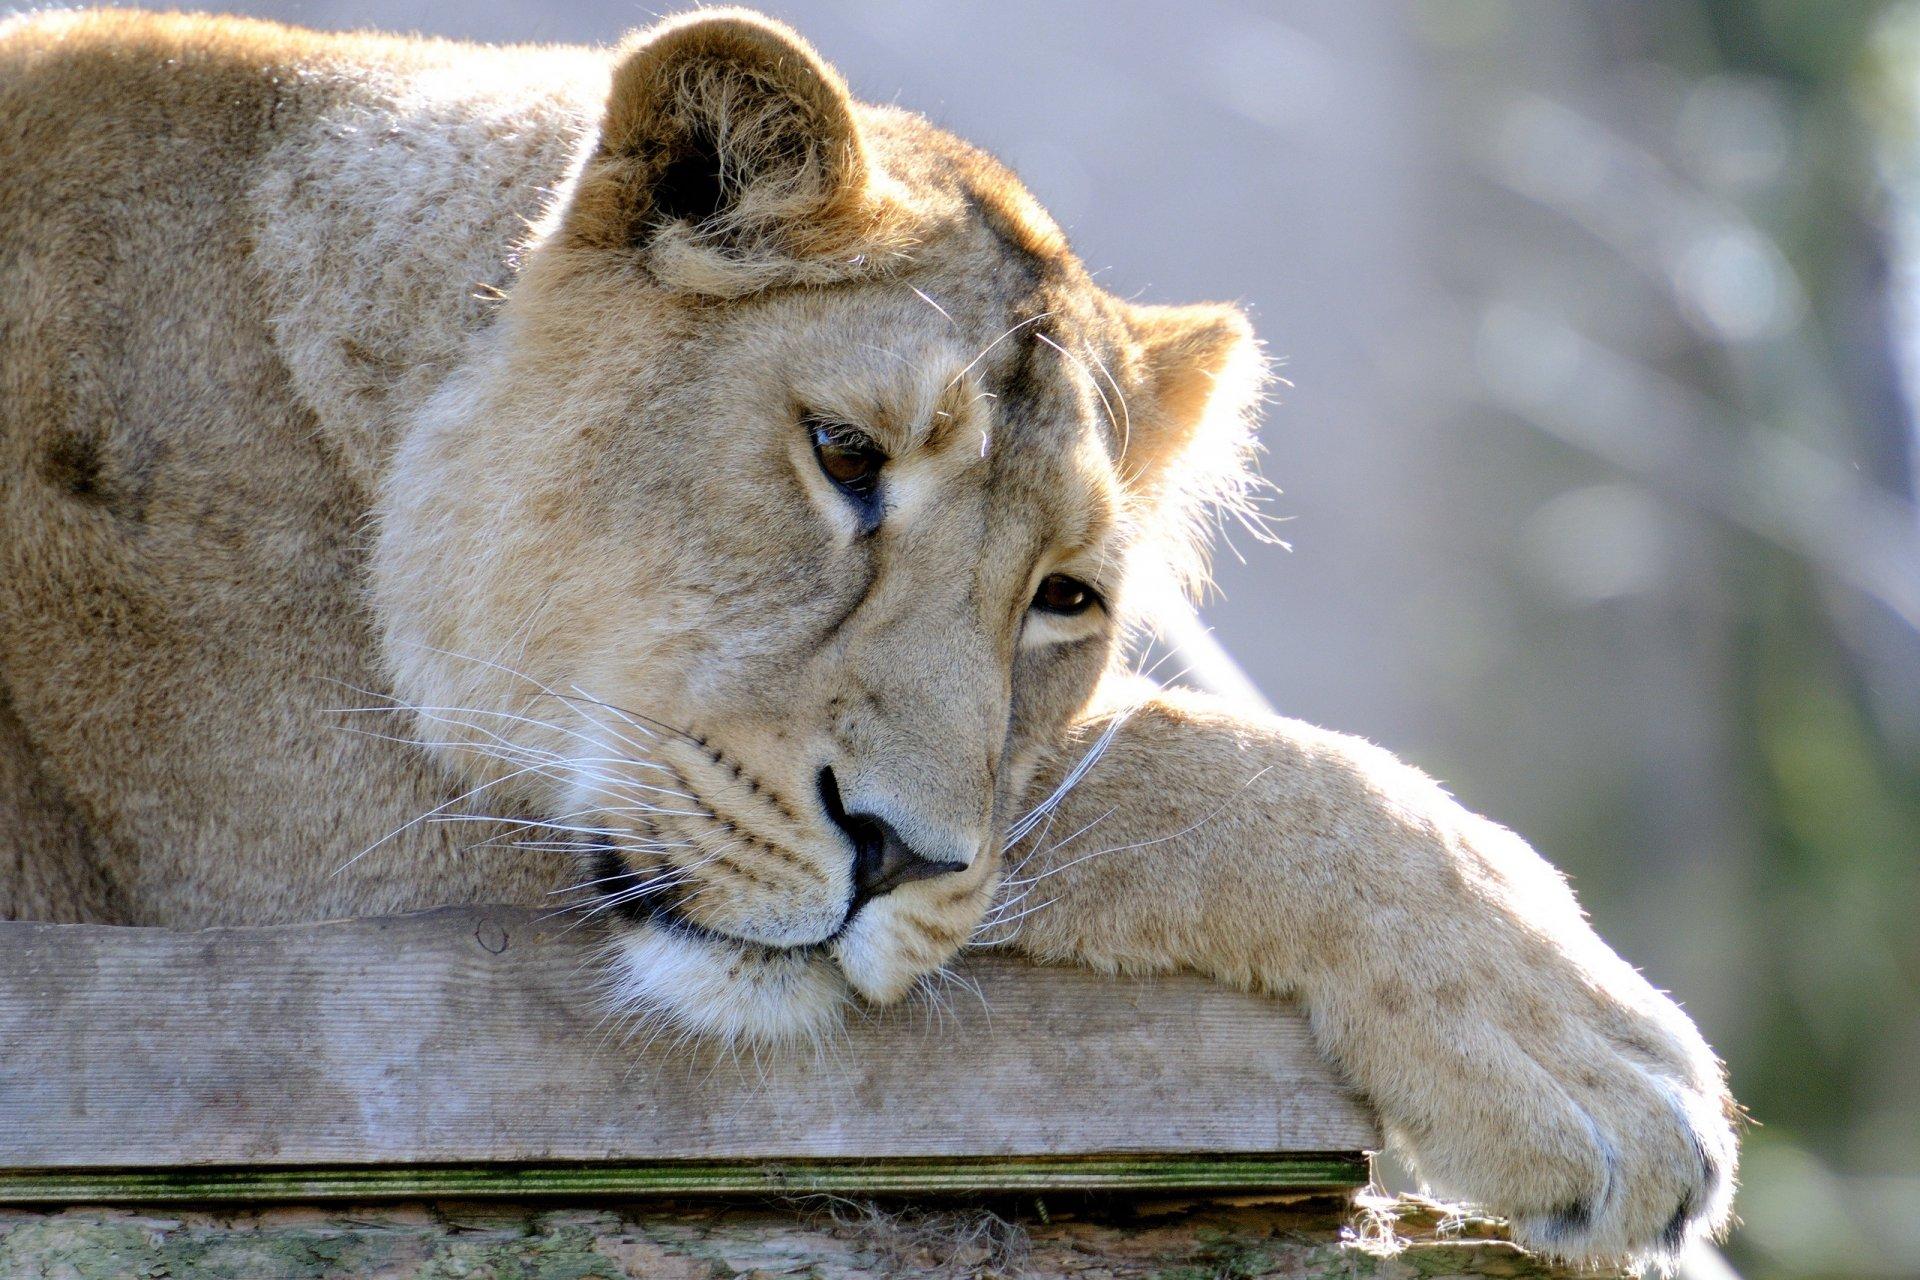 Картинка с львицей, открытка